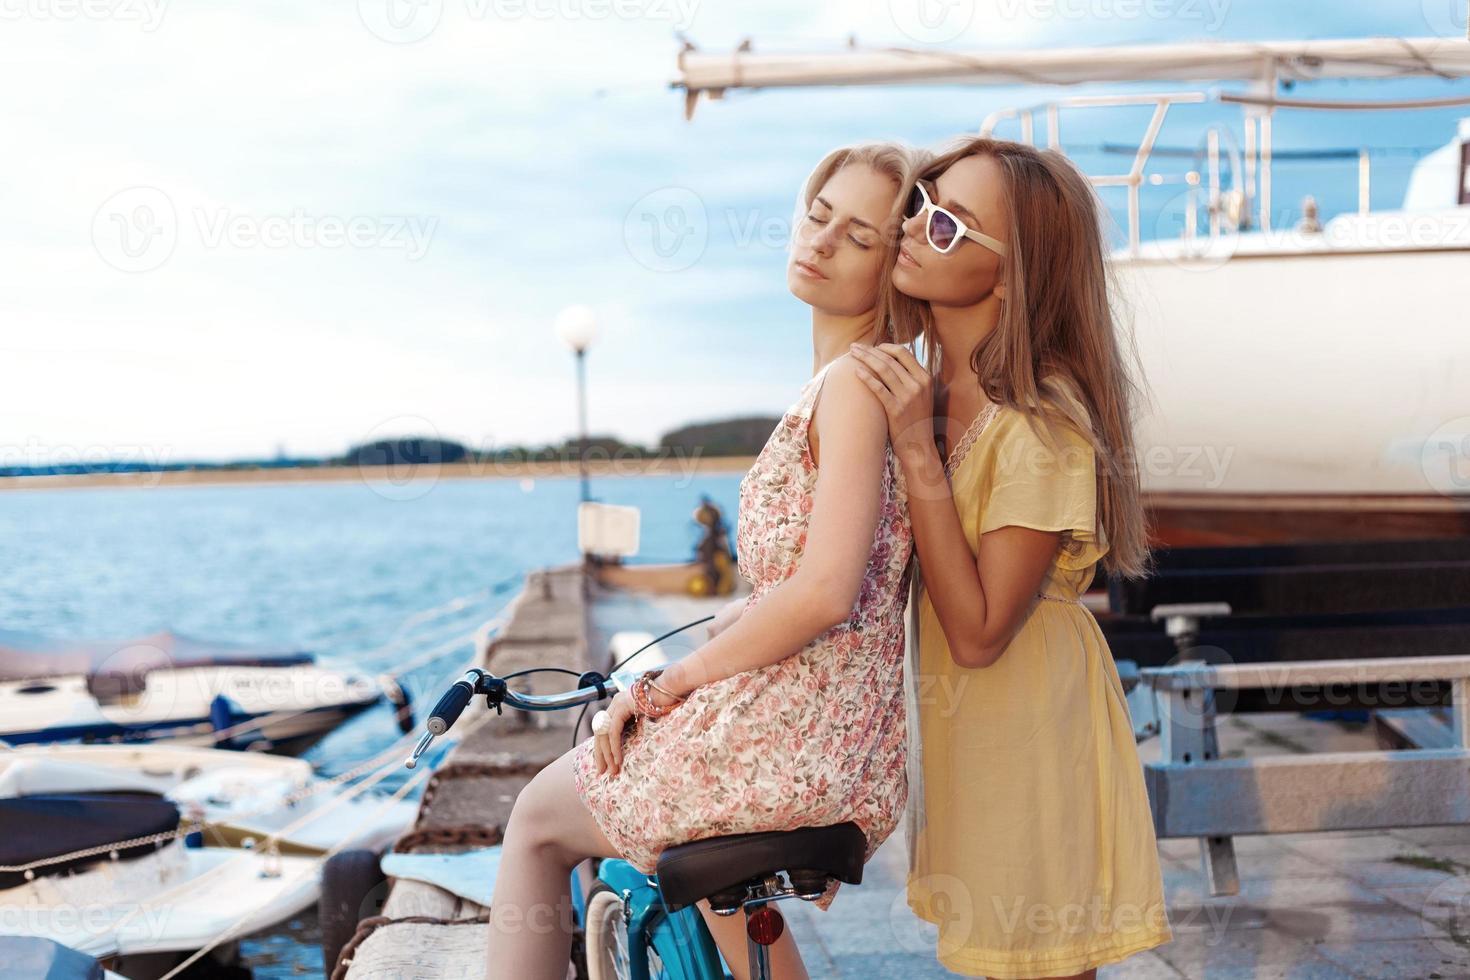 dos amigas disfrutando del atardecer en el puerto foto